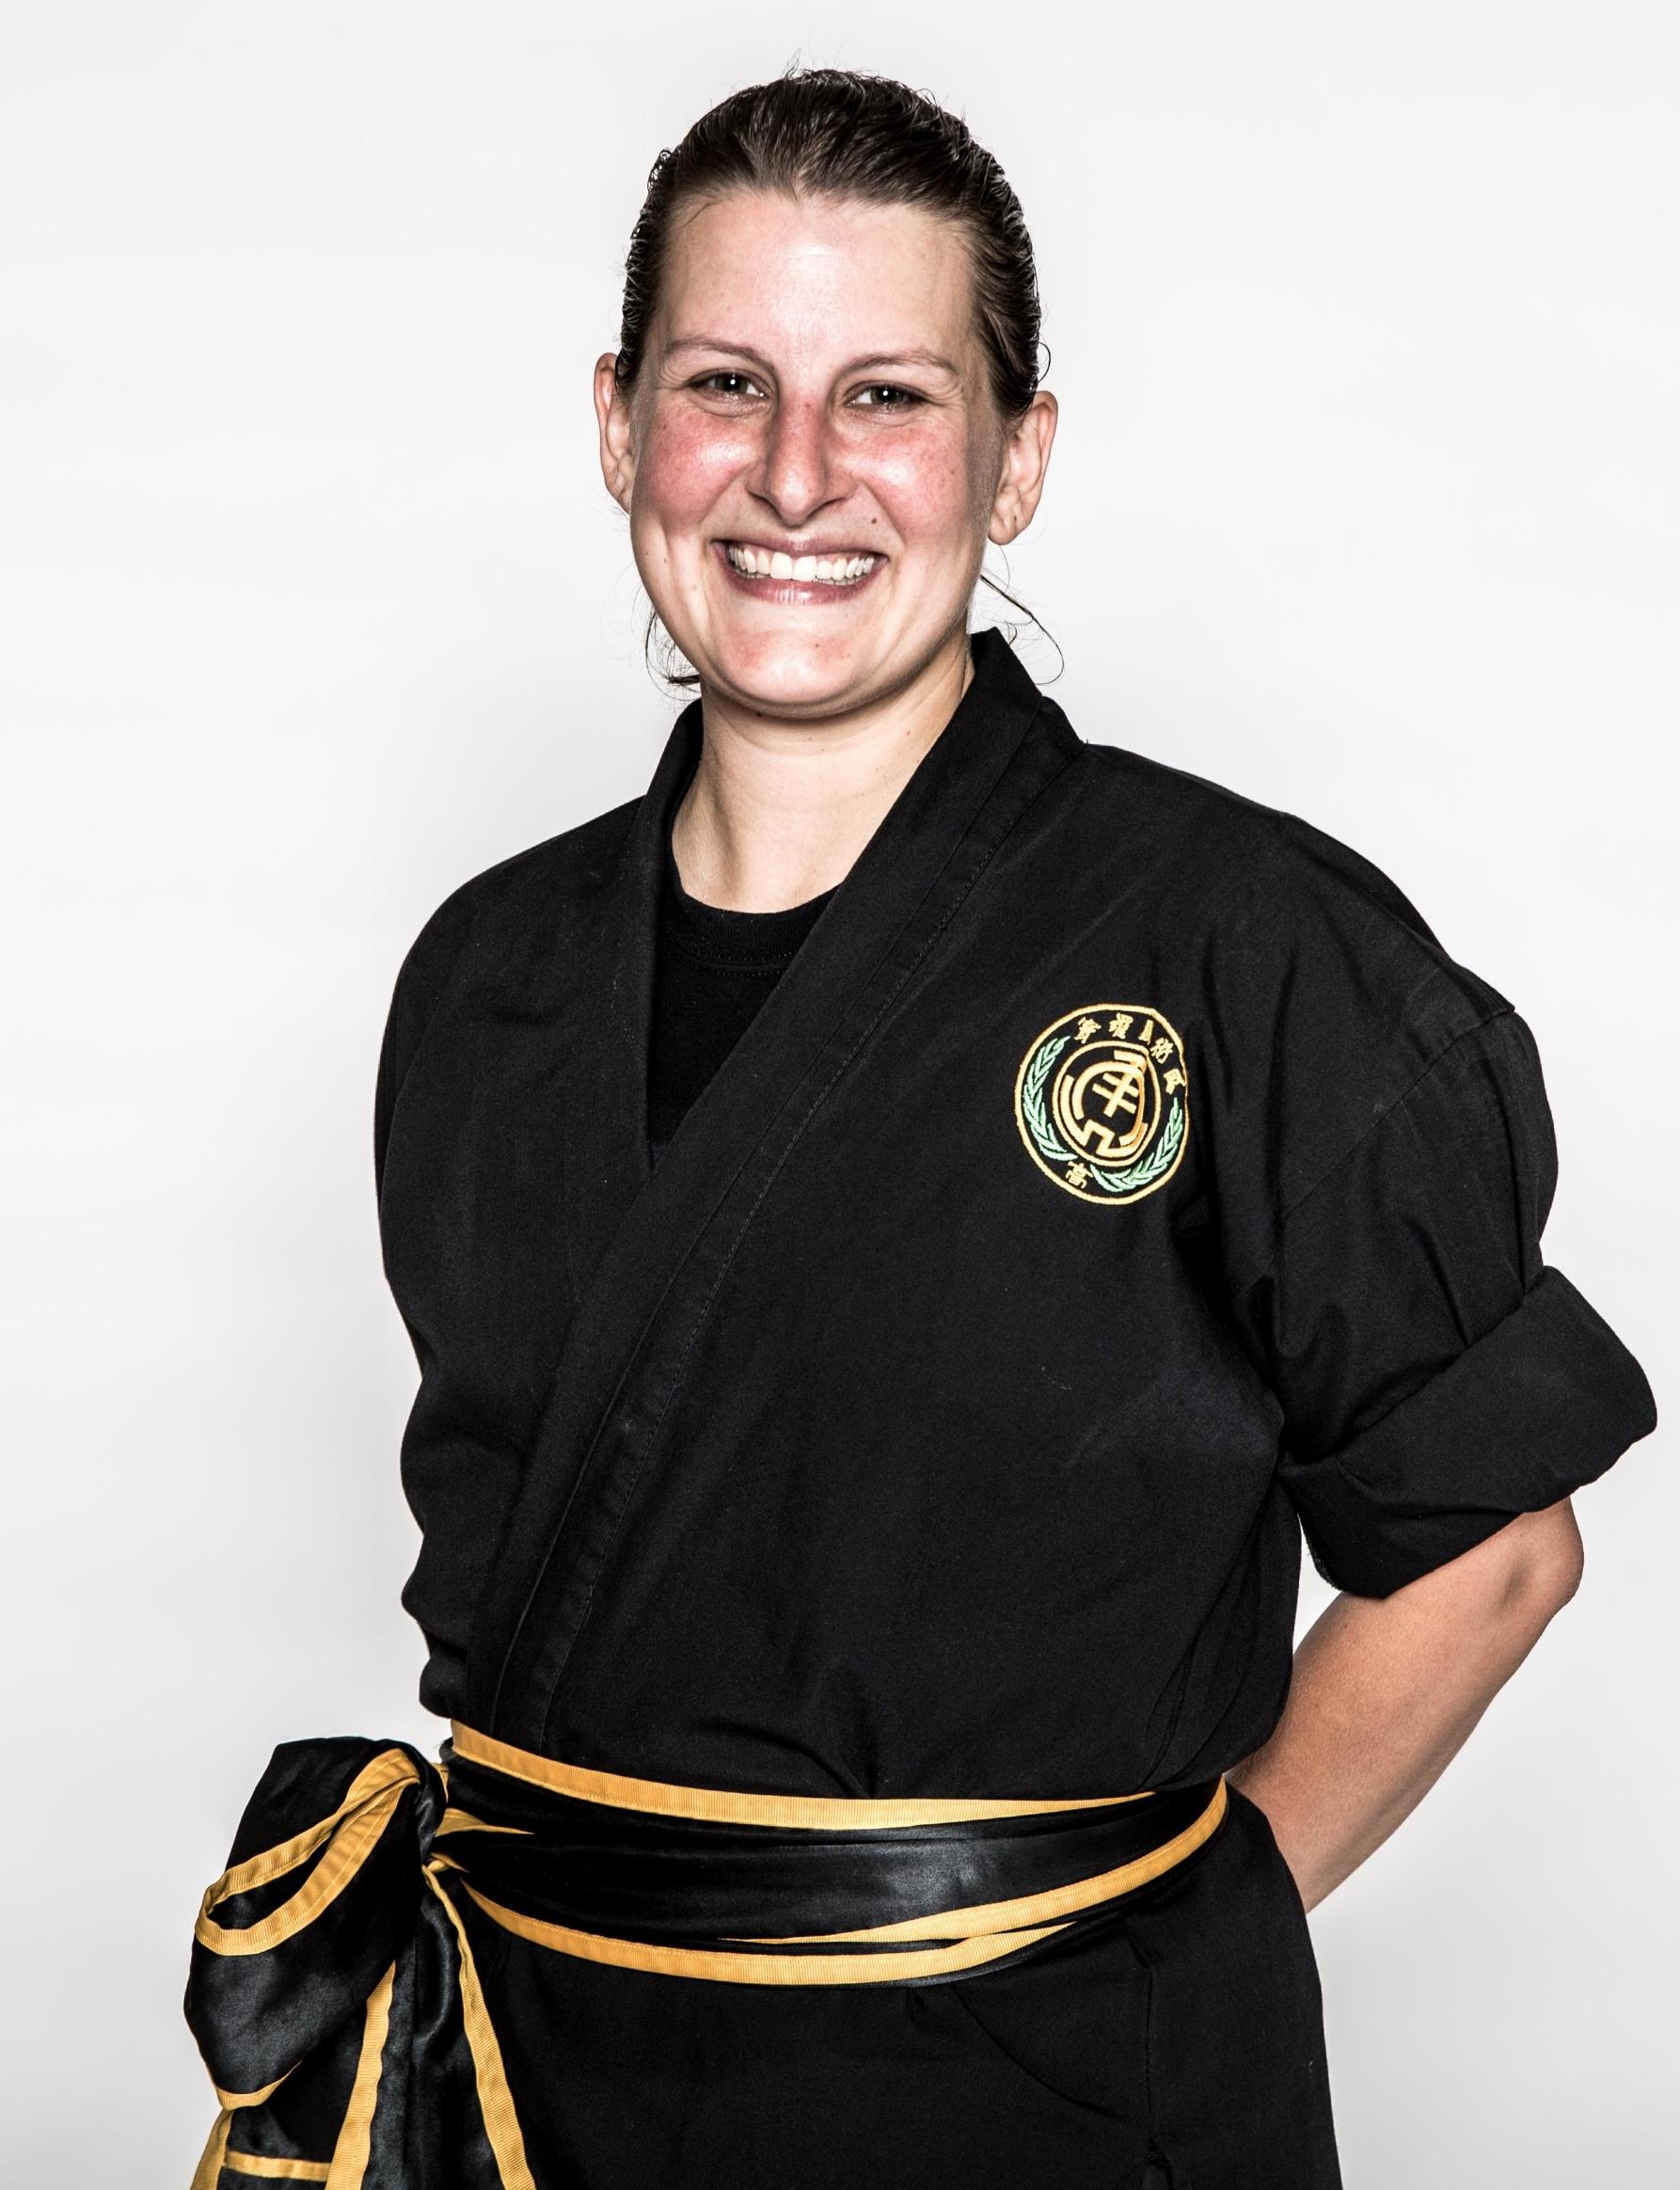 Kristen Rosenfeld